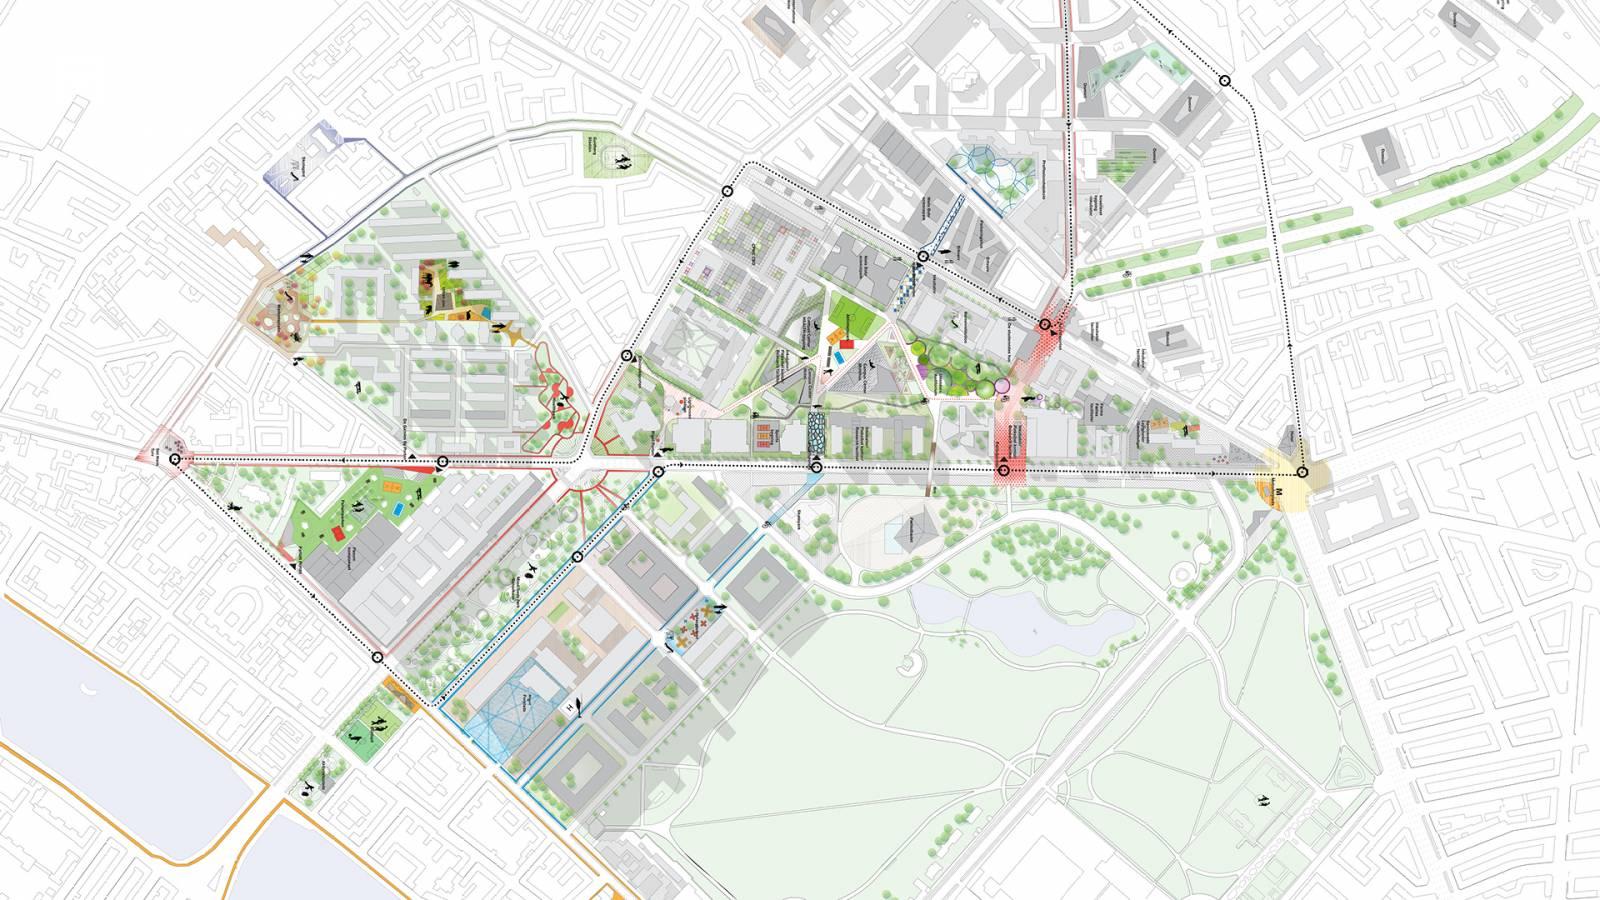 SITE PLAN - Nørre Campus - SPOL Architects